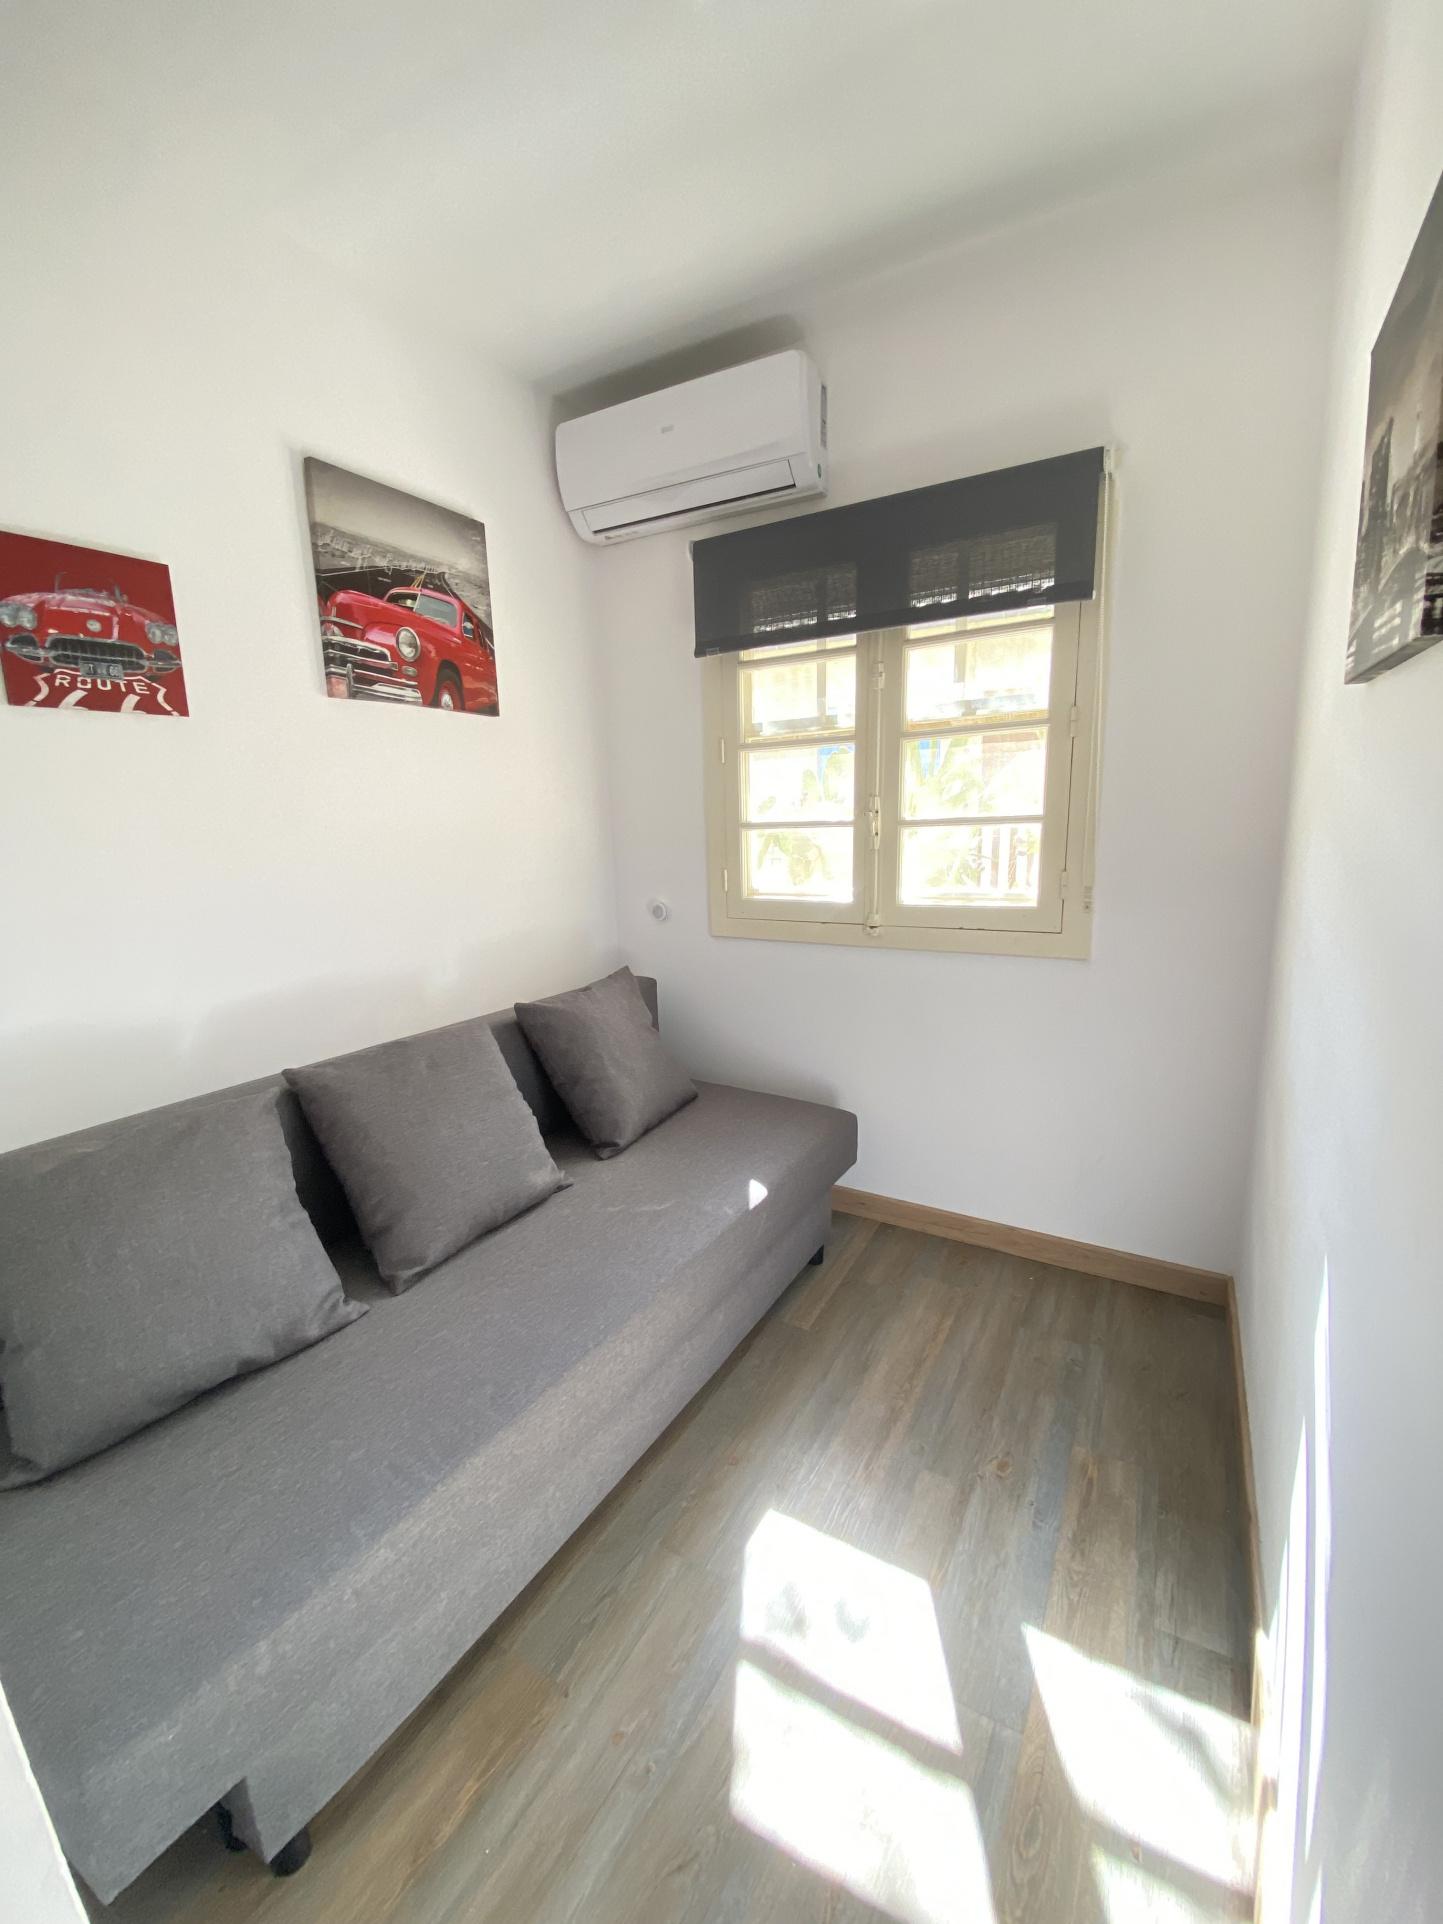 À vendre maison/villa de 34m2 à argeles sur mer (66700) - Photo 6'